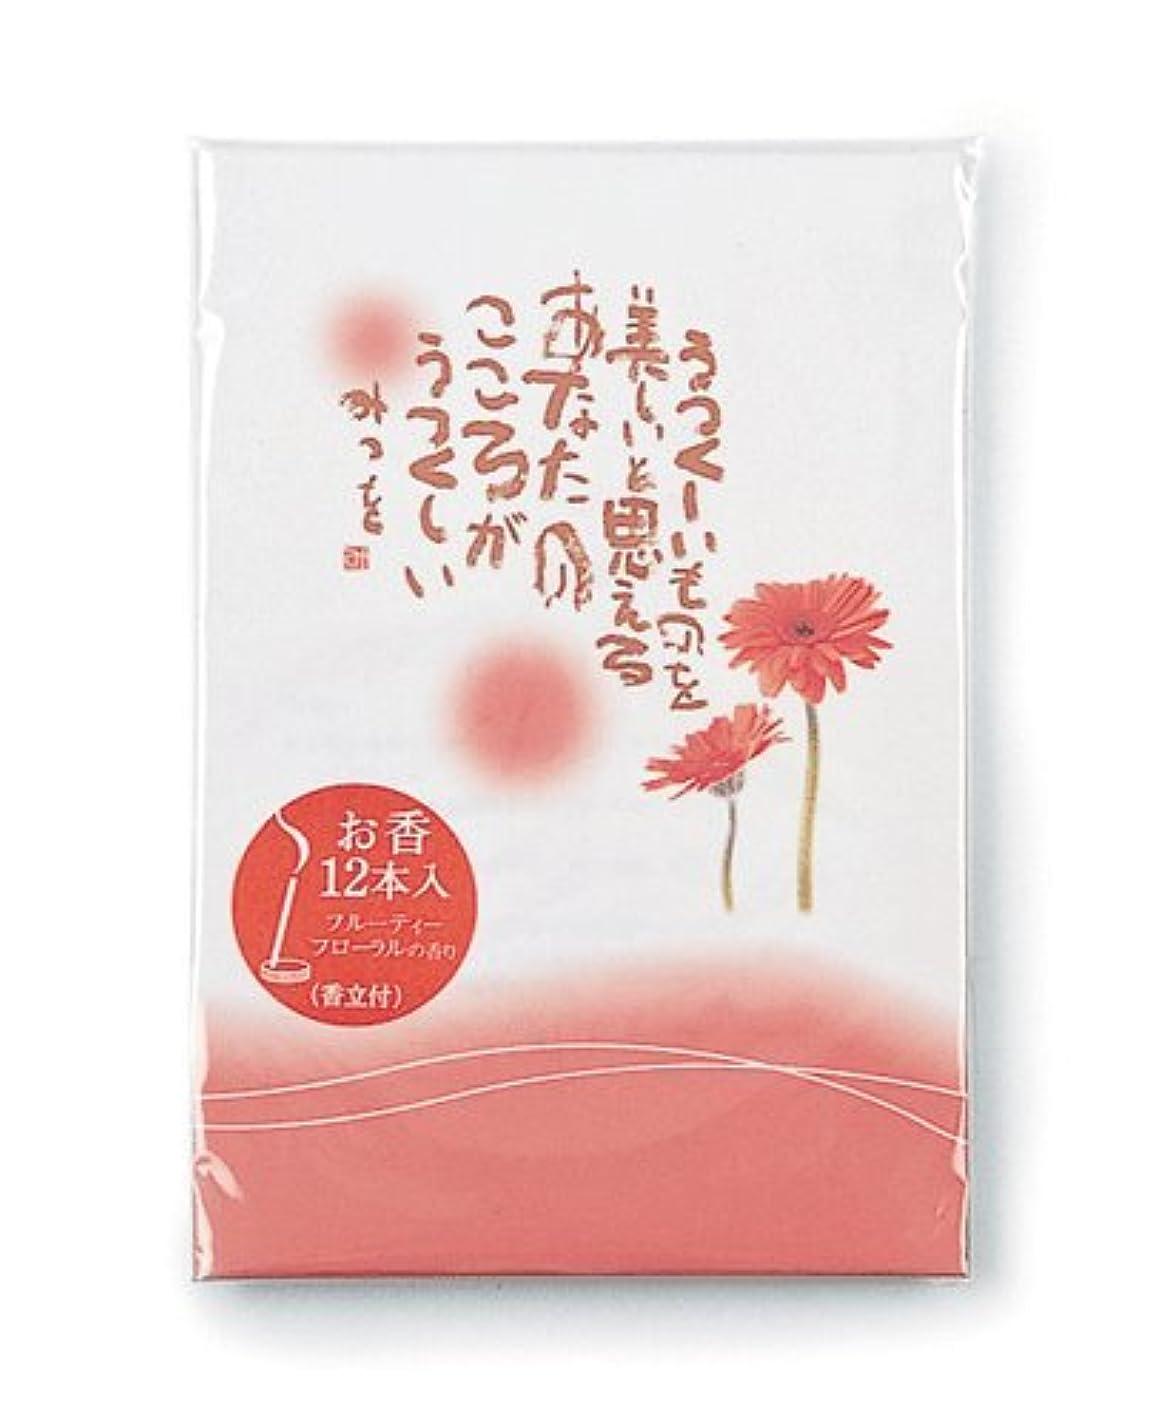 完璧なカバレッジ飢相田みつをのお香 フルーティーフローラル スティック12本入 【お香】